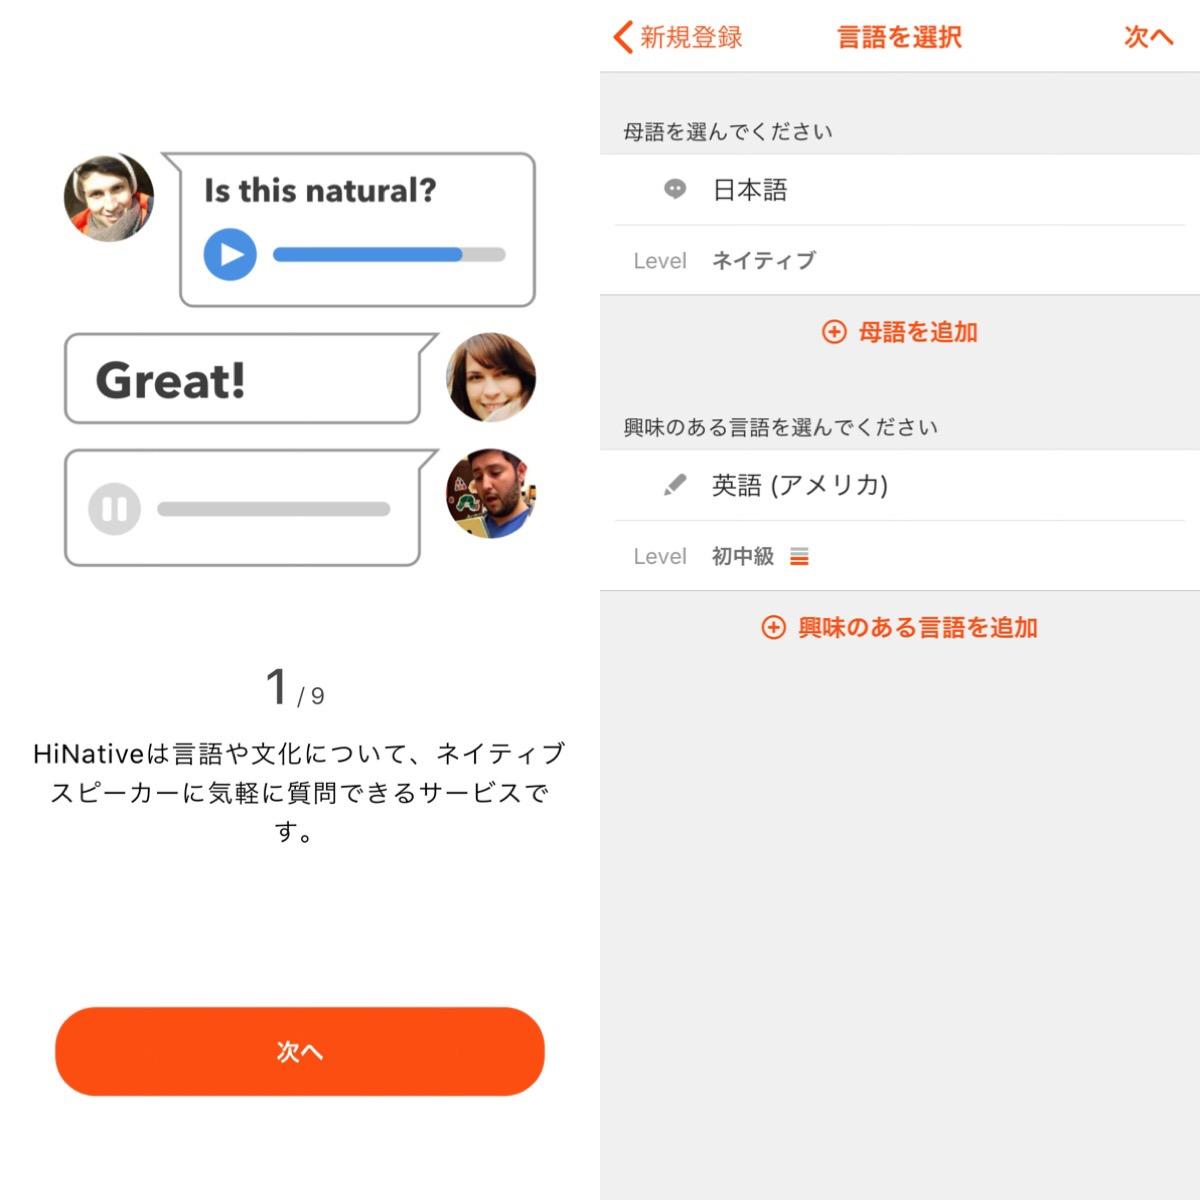 画像1: 母語を教えあう文化がアプリ上に。ナチュラルな表現を学べます。